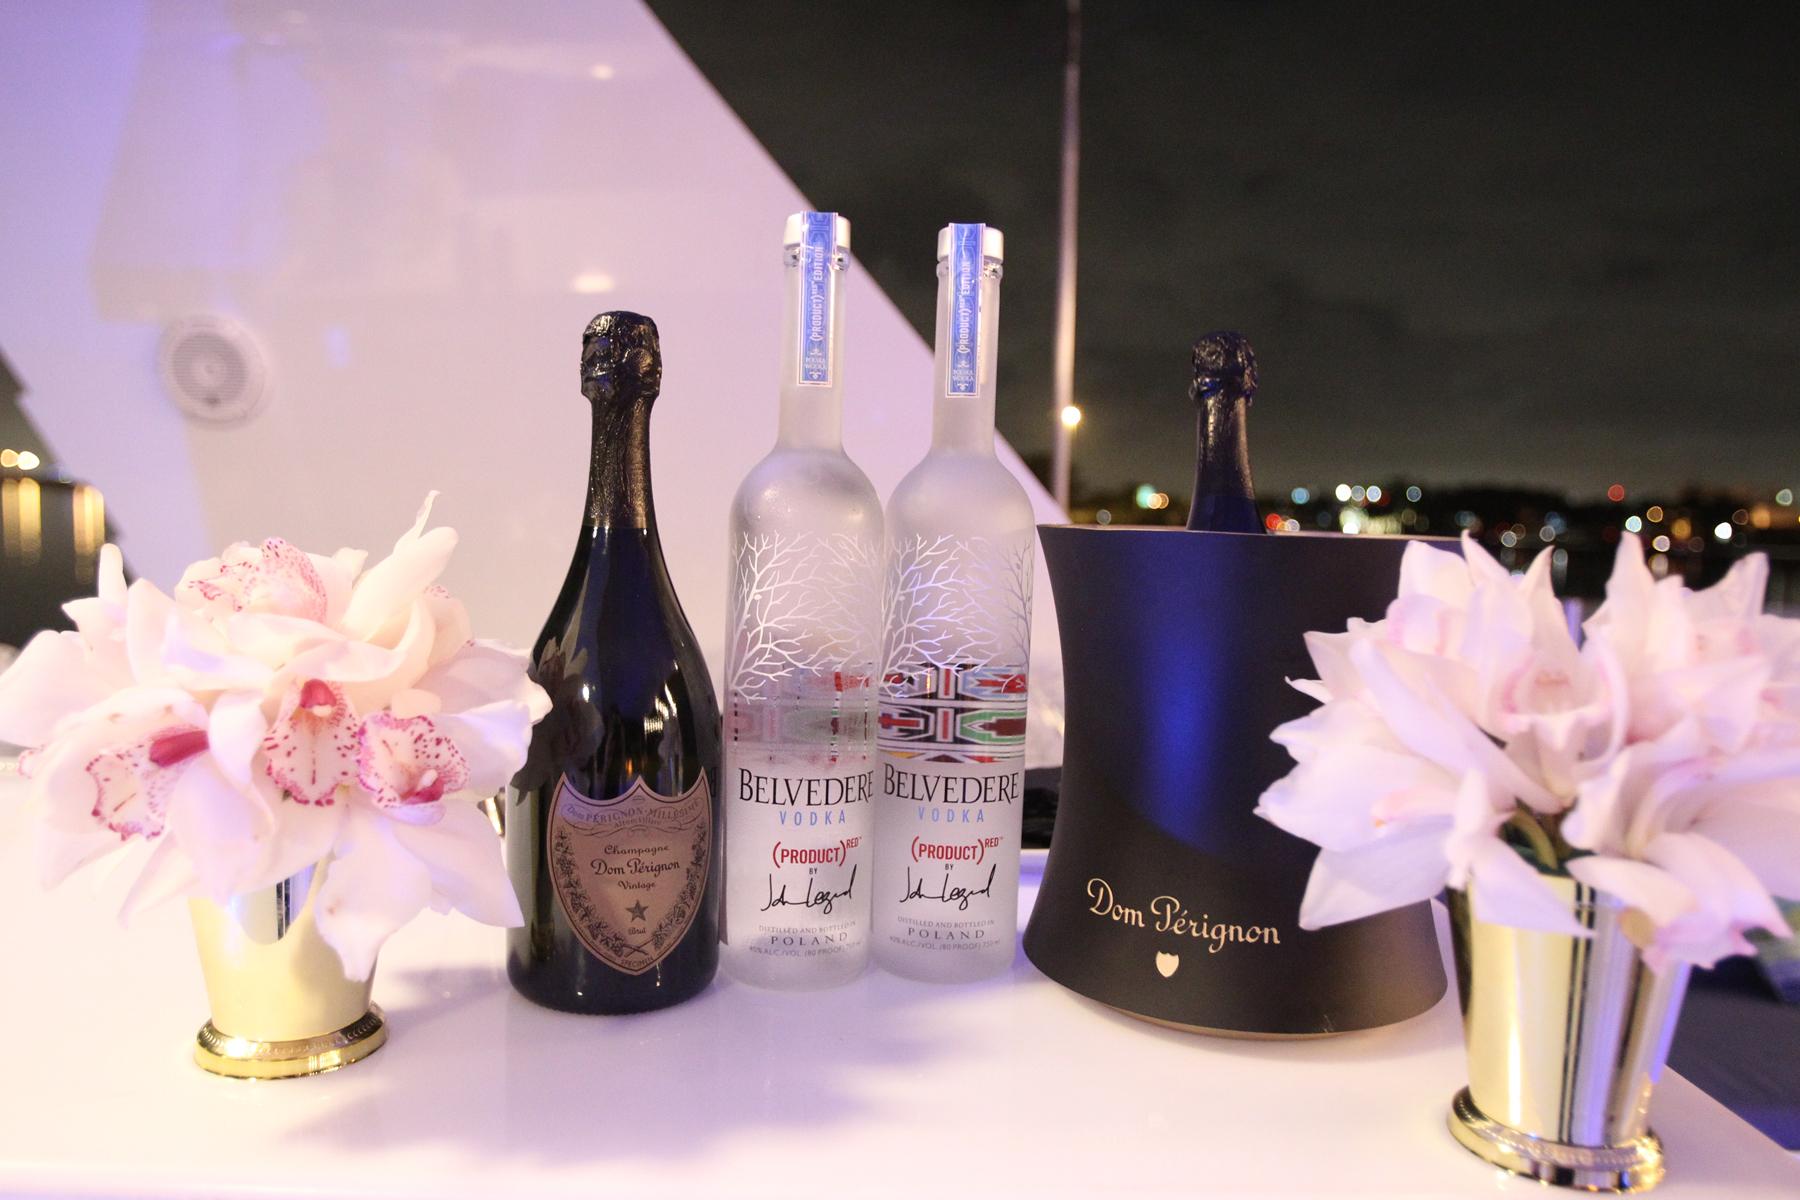 belvedere-vodka-dom-perignon-3